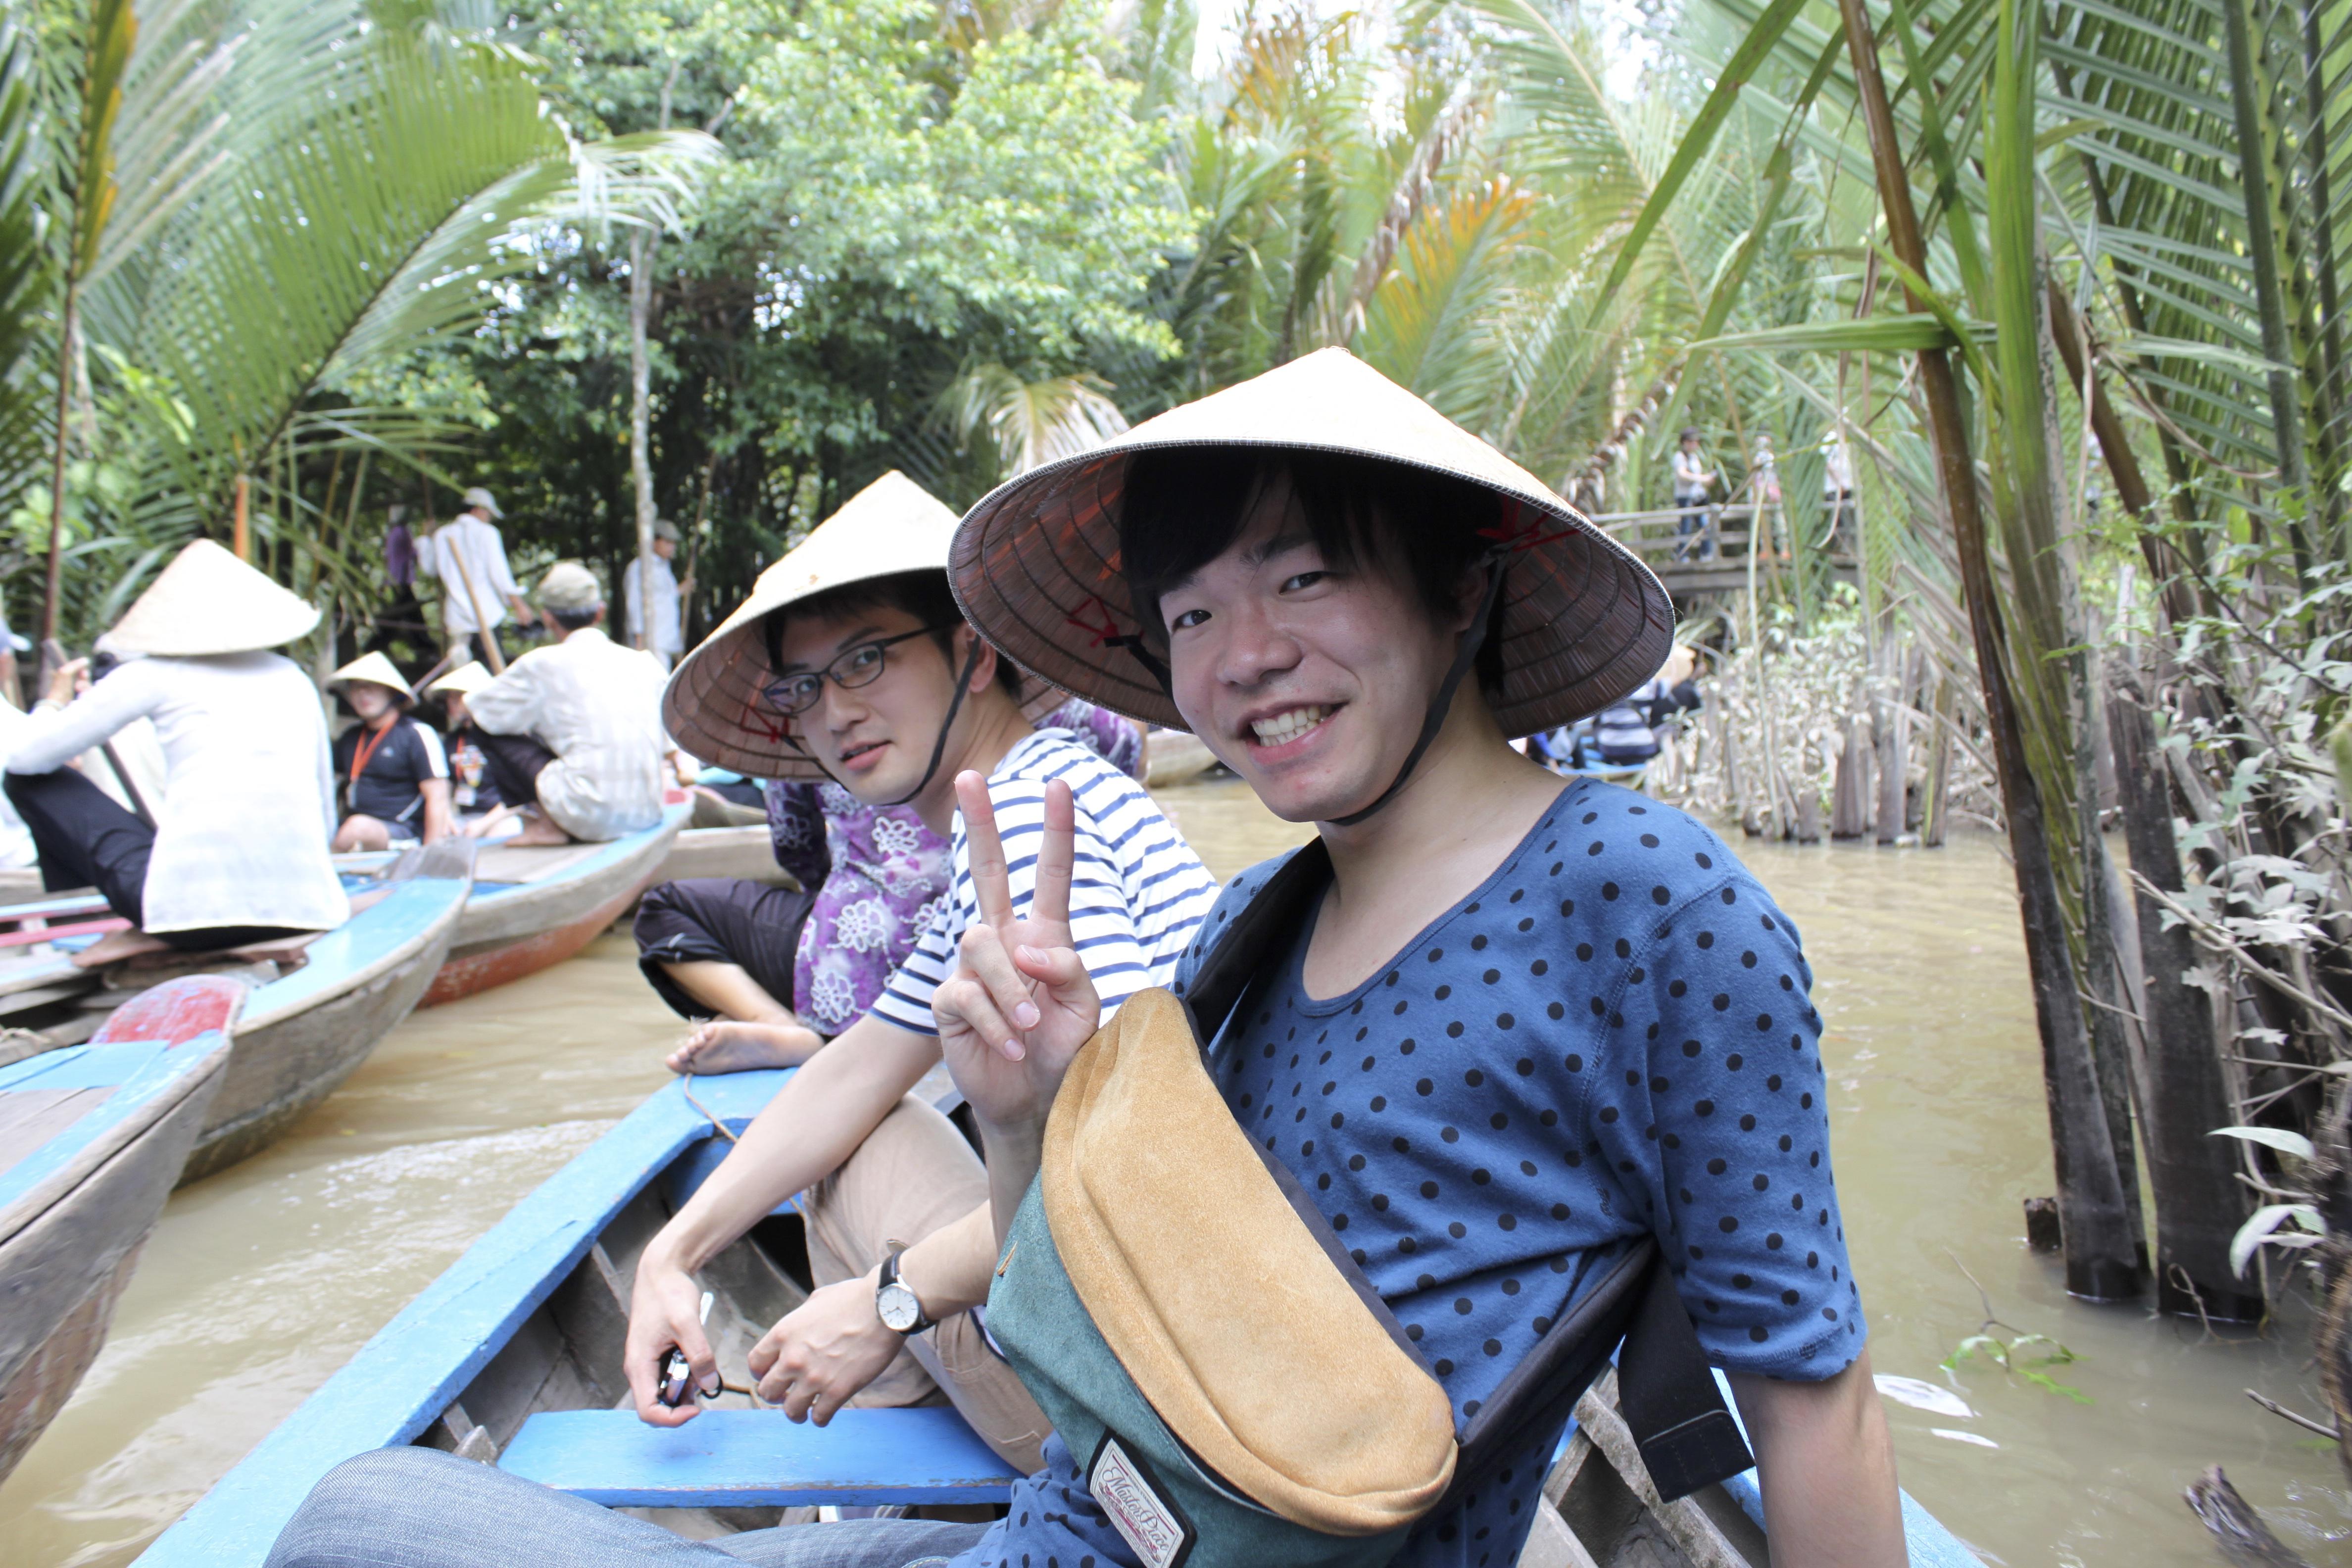 社員旅行ではベトナムや韓国、ディズニーランドへ行かせてもらいました